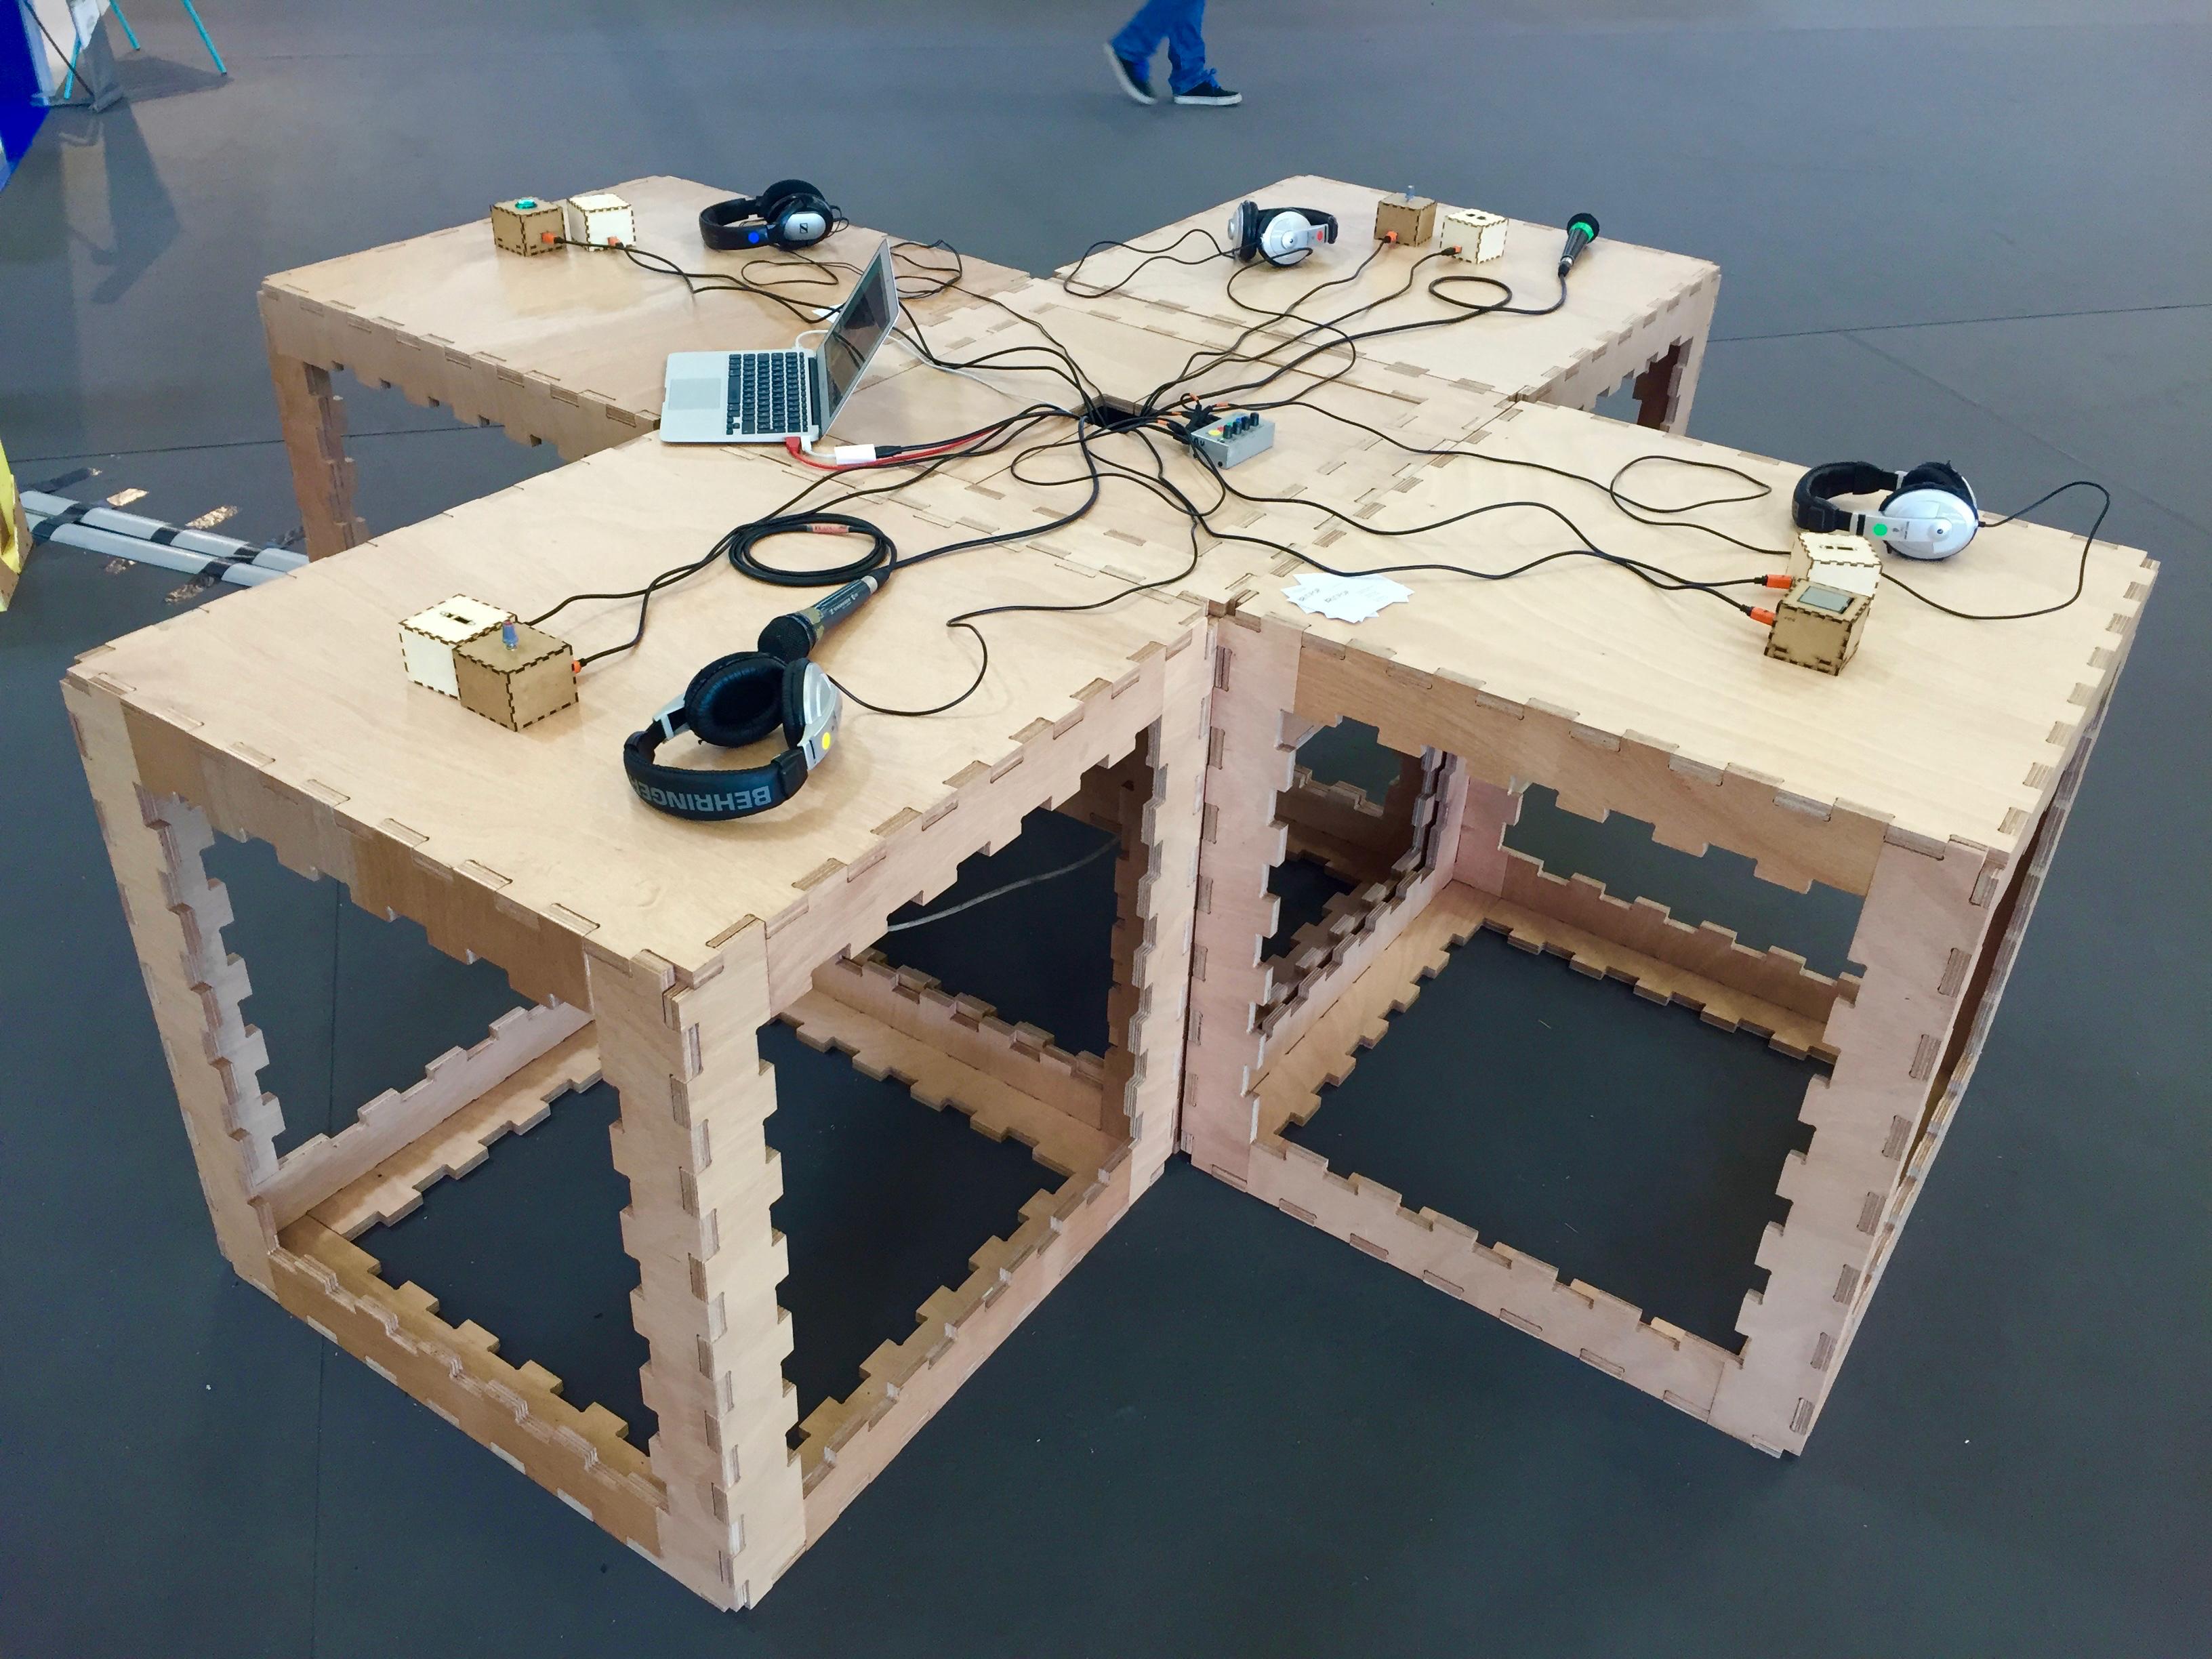 table/BP -IMAGES hd - 1.jpg